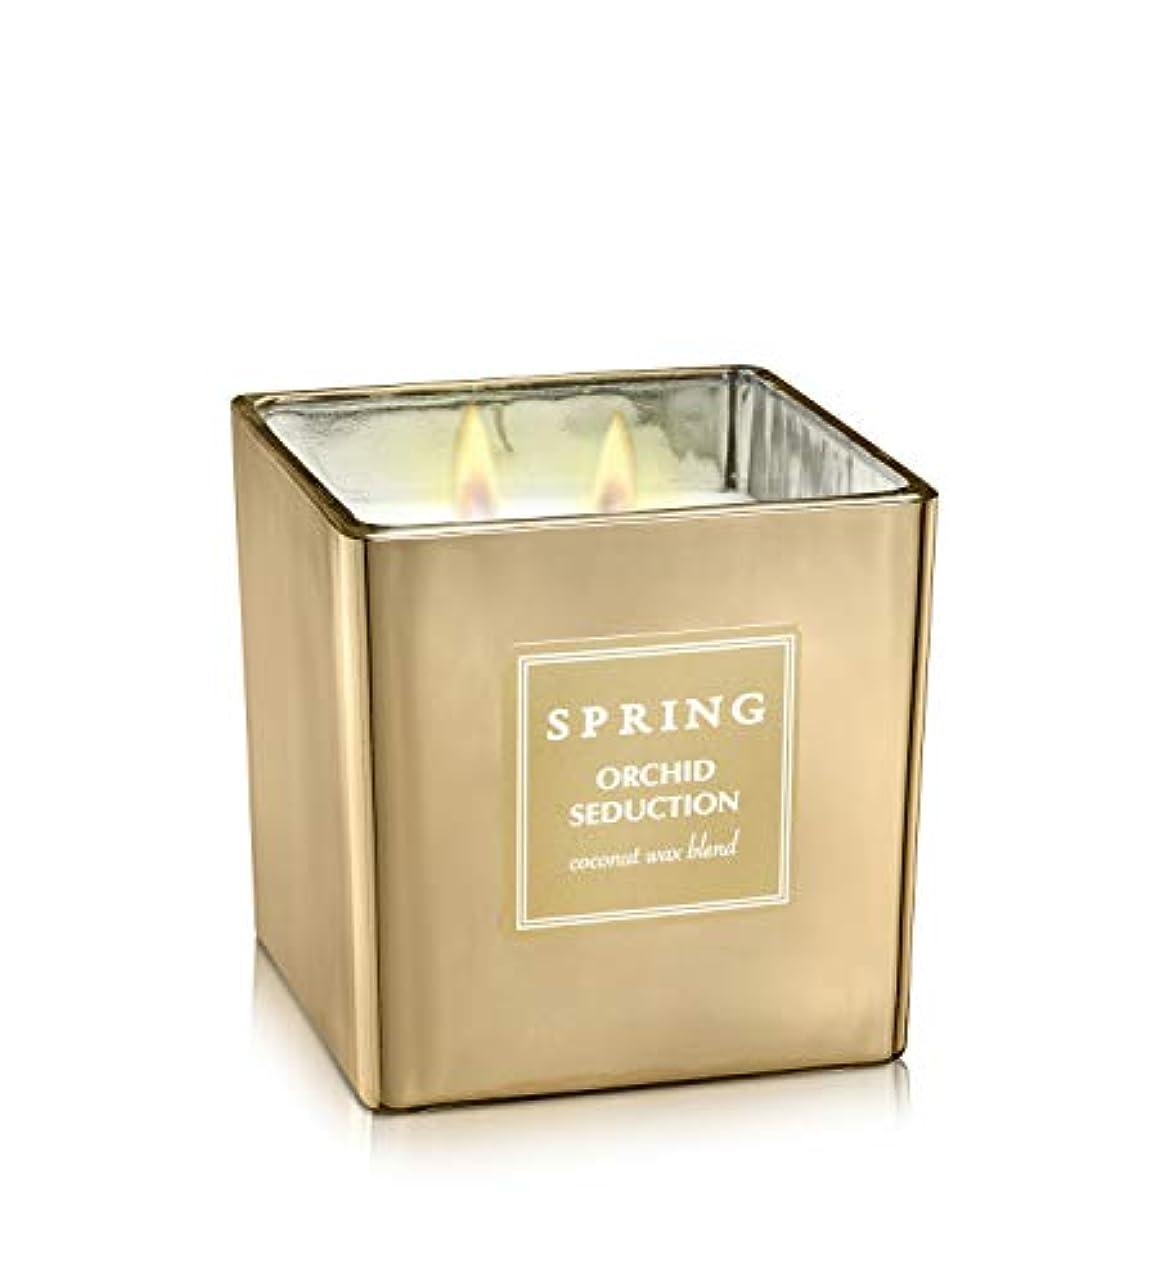 連続したおとこ考えばね香りつきラグジュアリーCoconutワックスGolden Candle – Cubic – サイズ8 – アルプスの花ホームデコレーション Cubic 8.5 oz